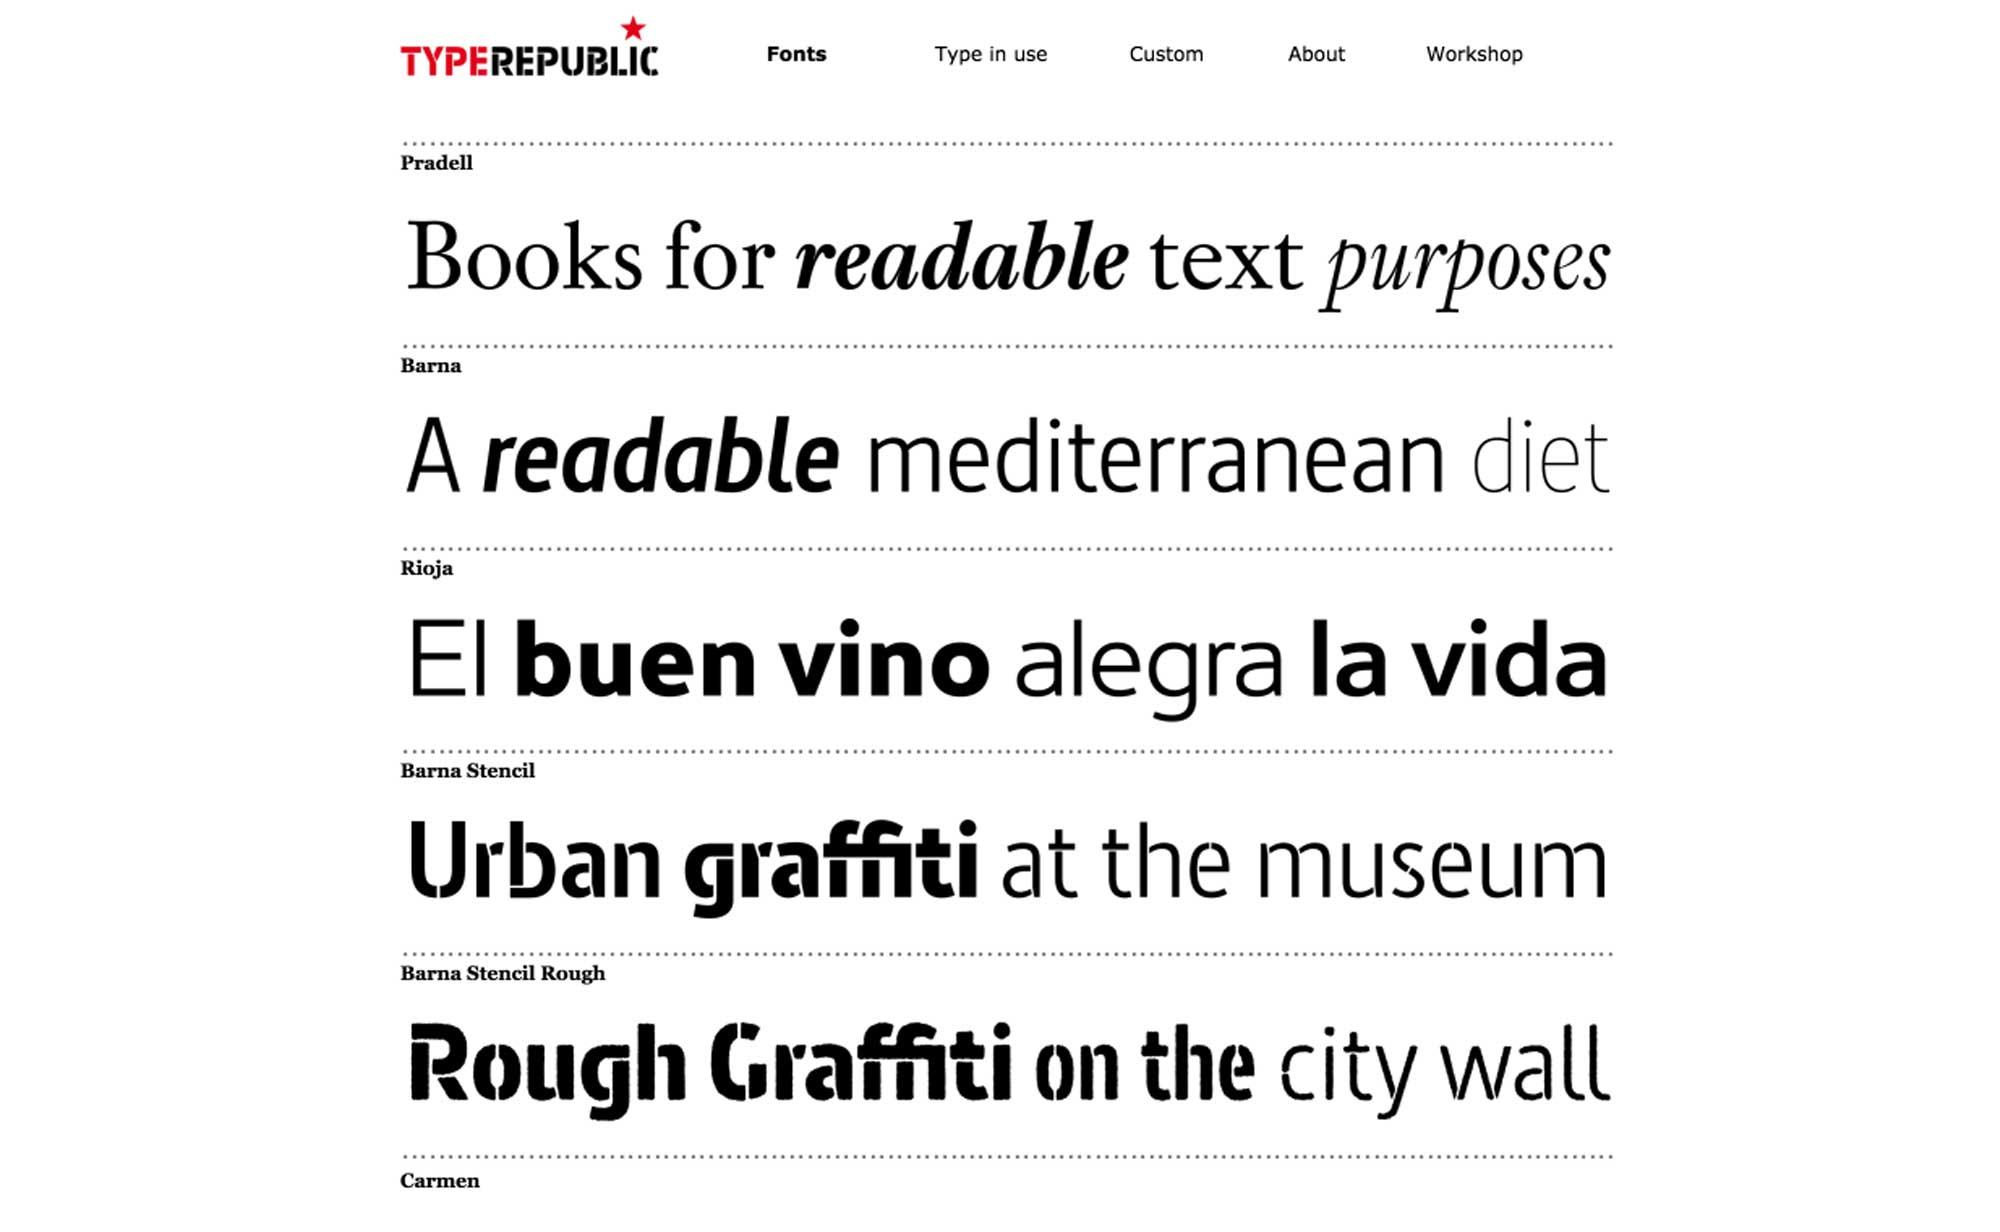 fundiciones-tipograficas-digitales-typerepublic